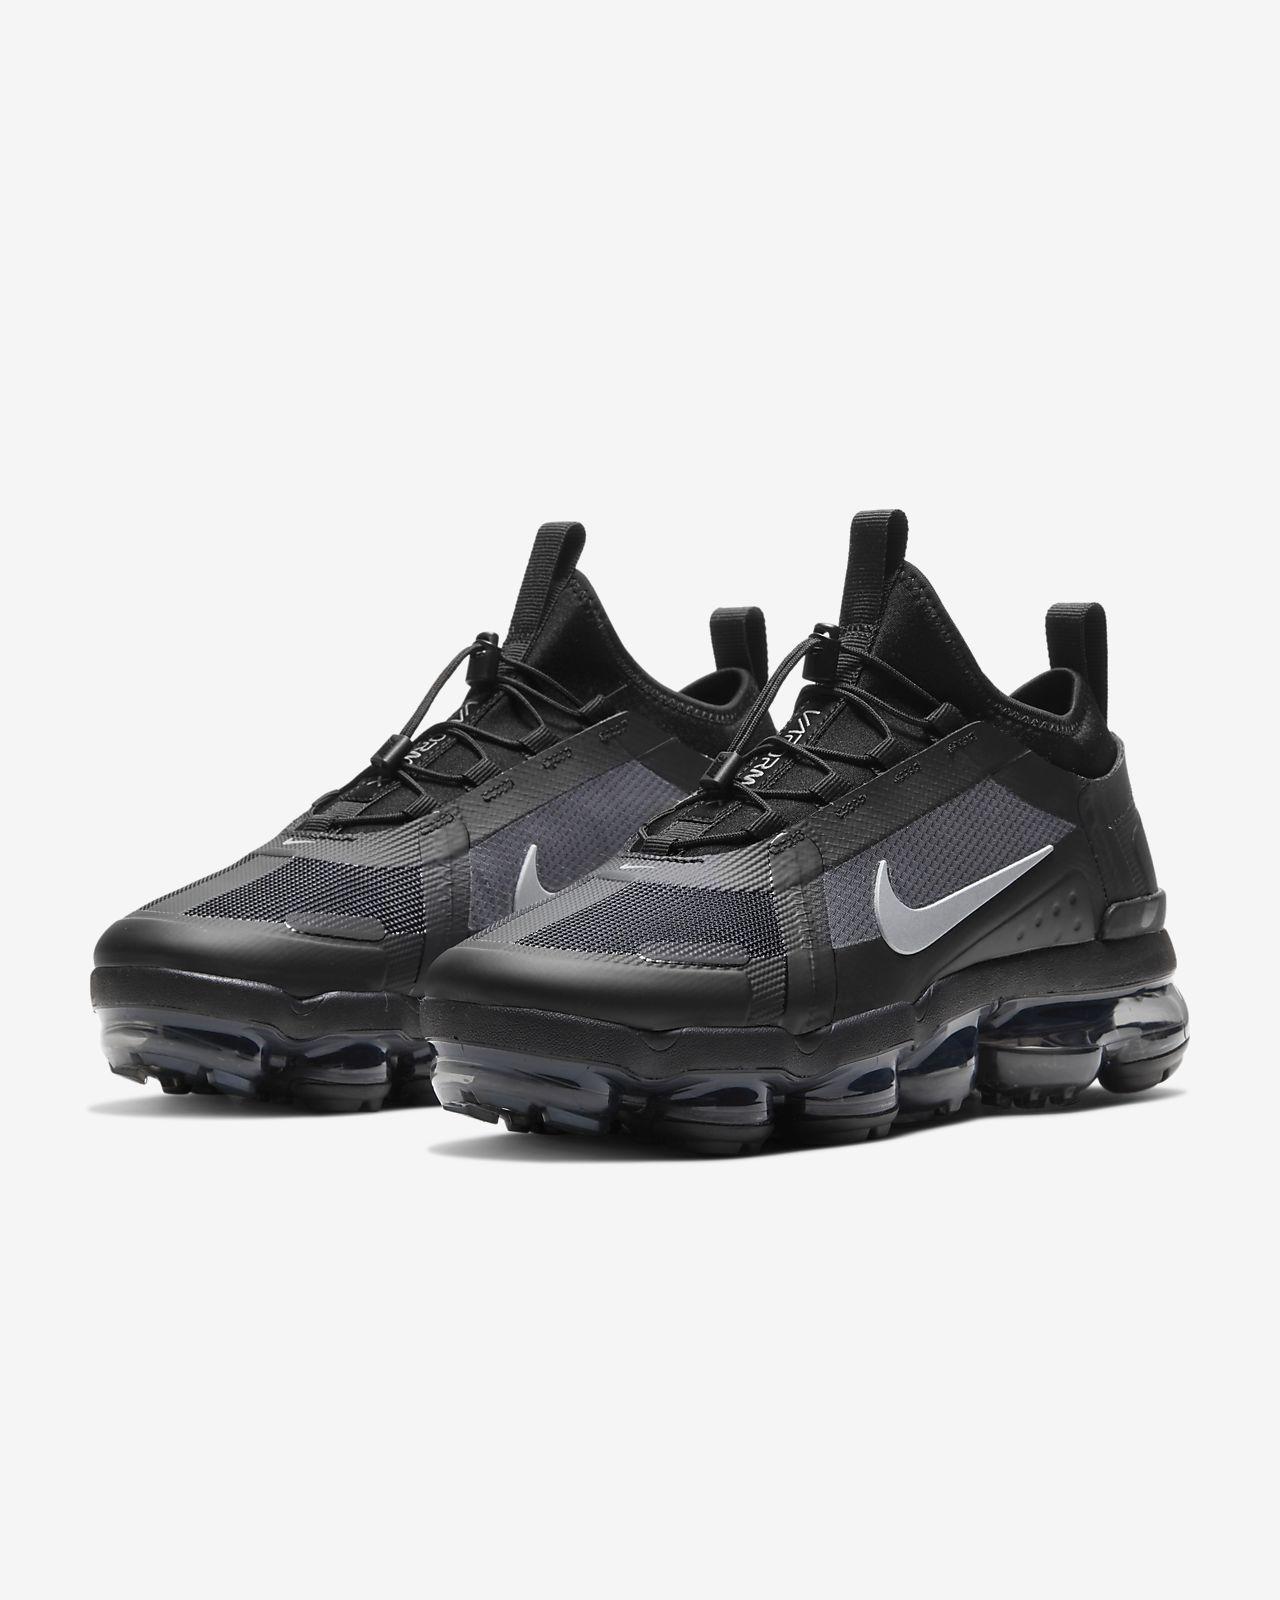 chaussure nike femmes vapormax